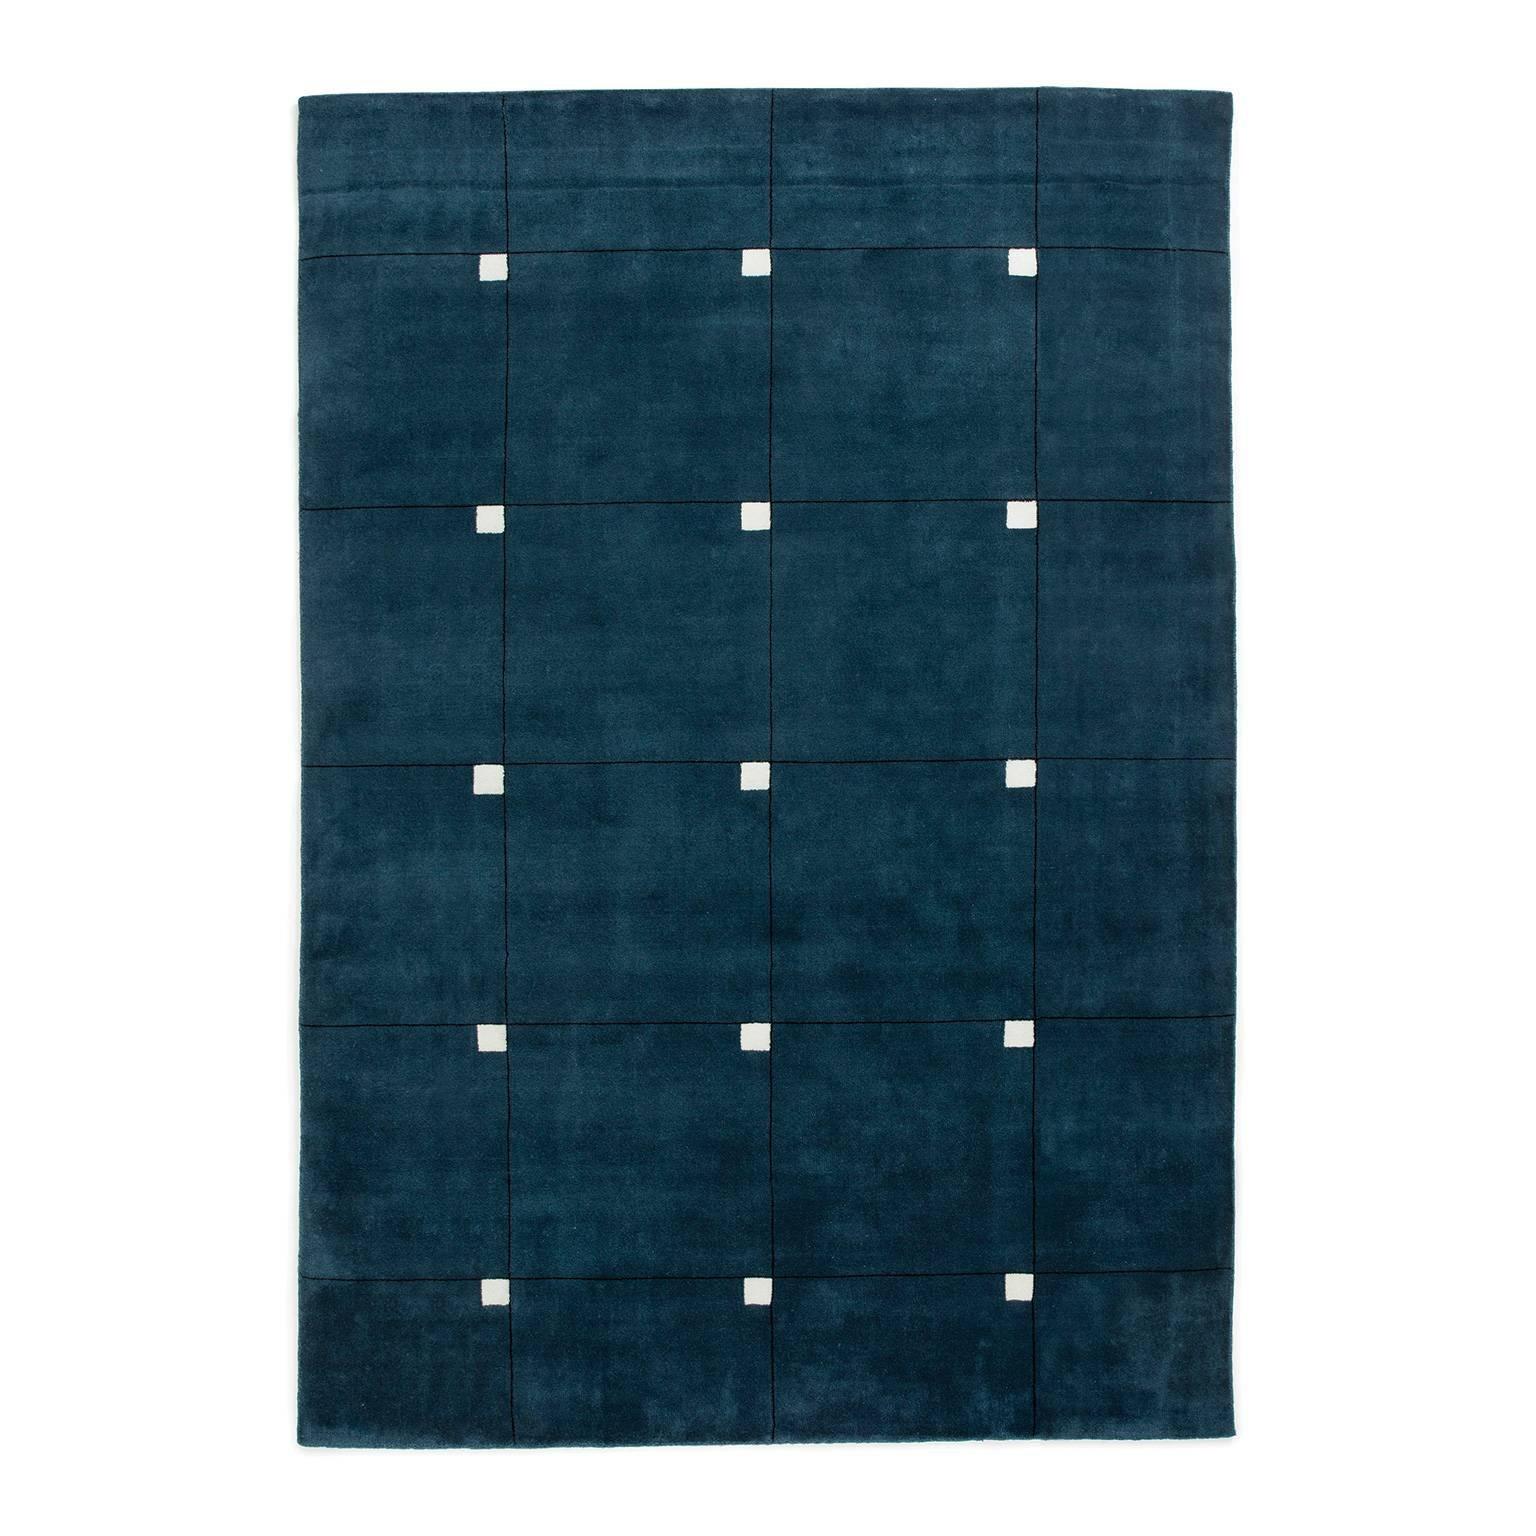 Modern Teal, Wool Cut Pile Rug in Scandinavian Design